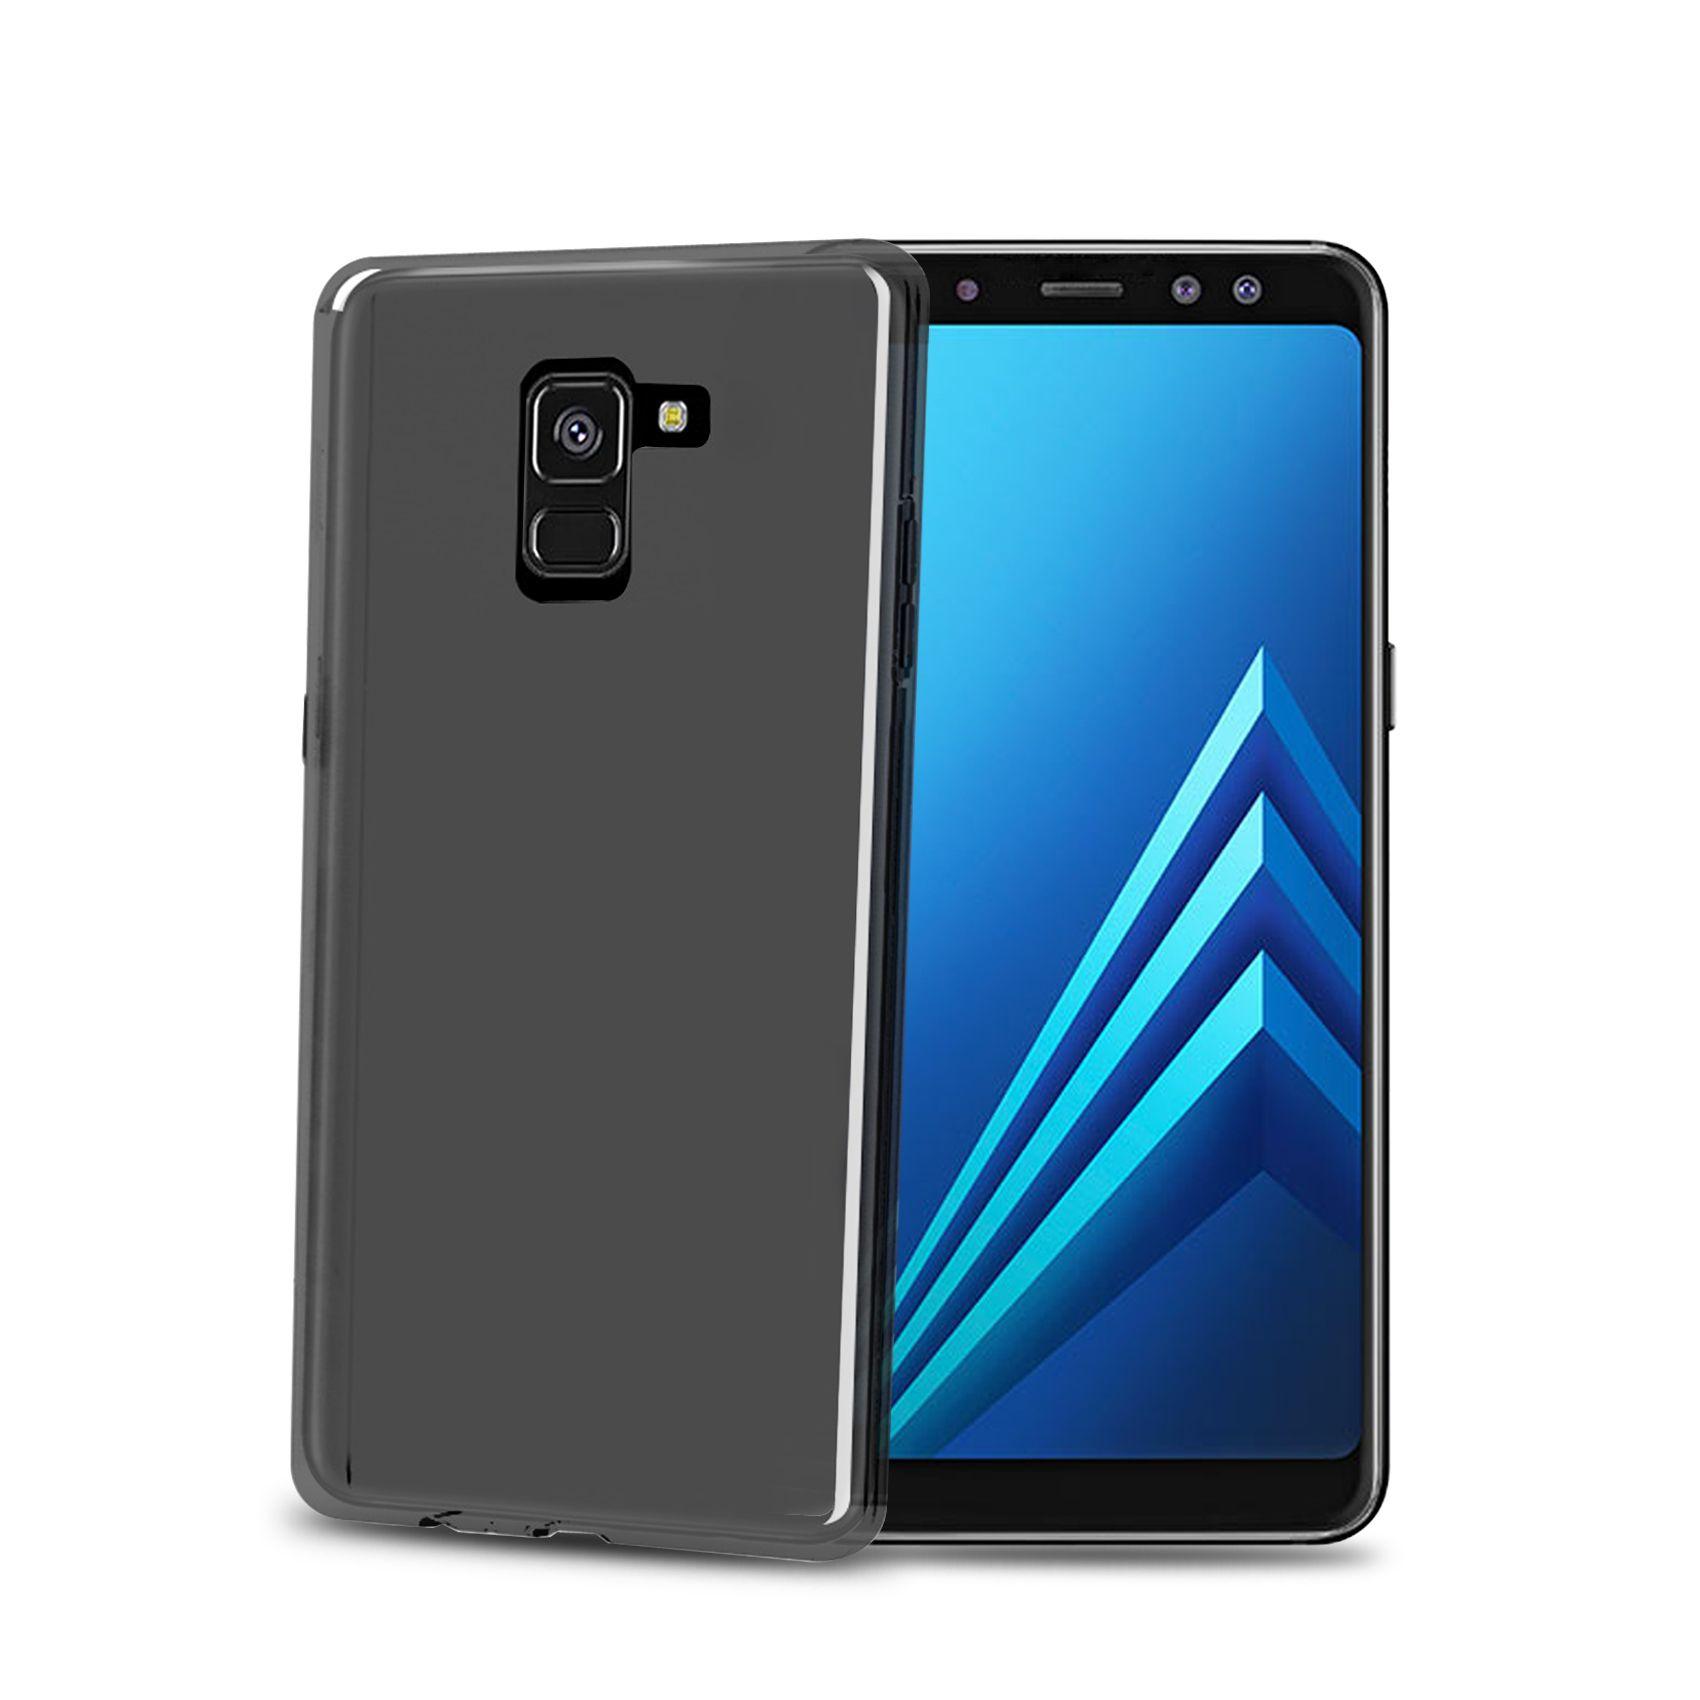 TPU pouzdro CELLY Gelskin pro Samsung Galaxy A8 (2018), černé